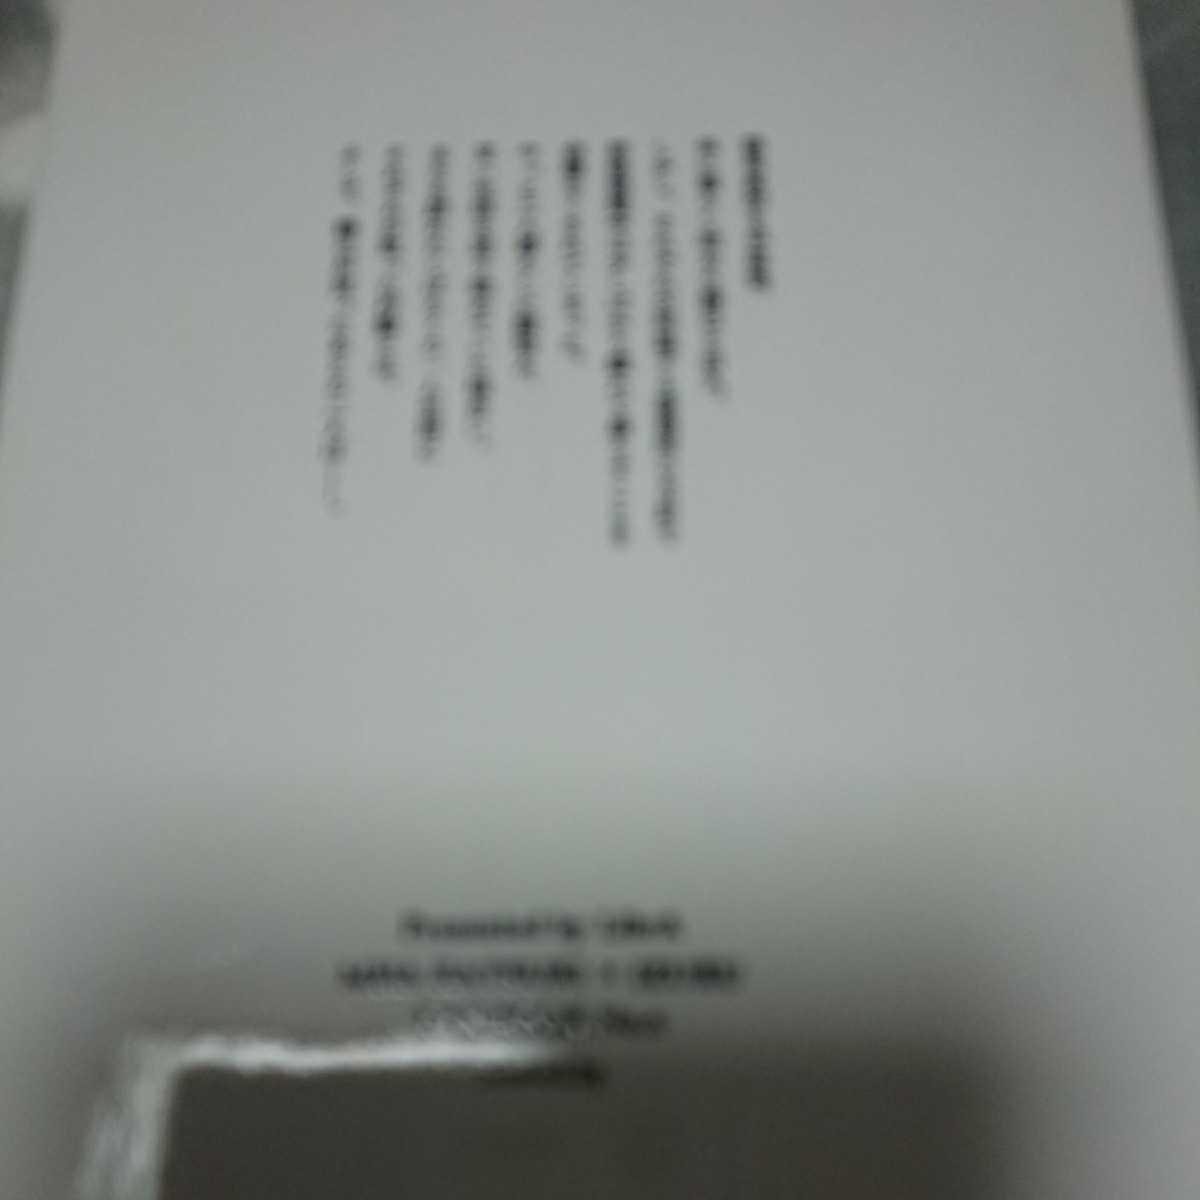 小説 ヒーロー 僕 の アカデミア